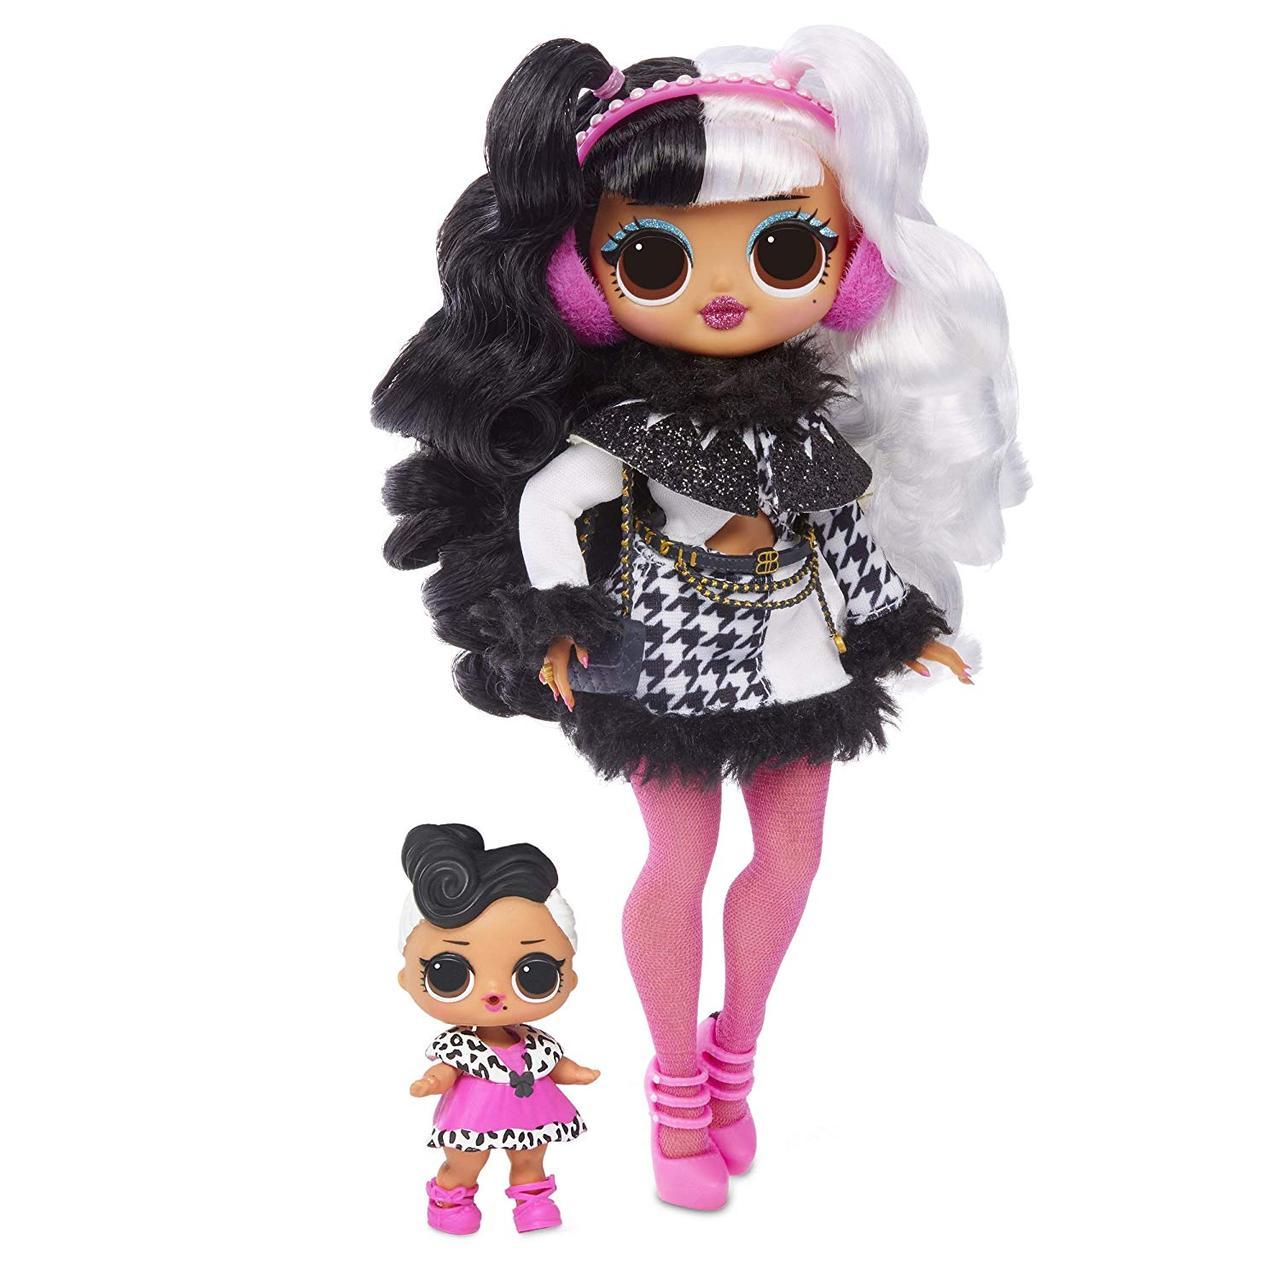 Кукла ЛОЛ Долли Глэм Леди и ее сестра Зимнее диско LOL Surprise OMG Winter Disco Dollie